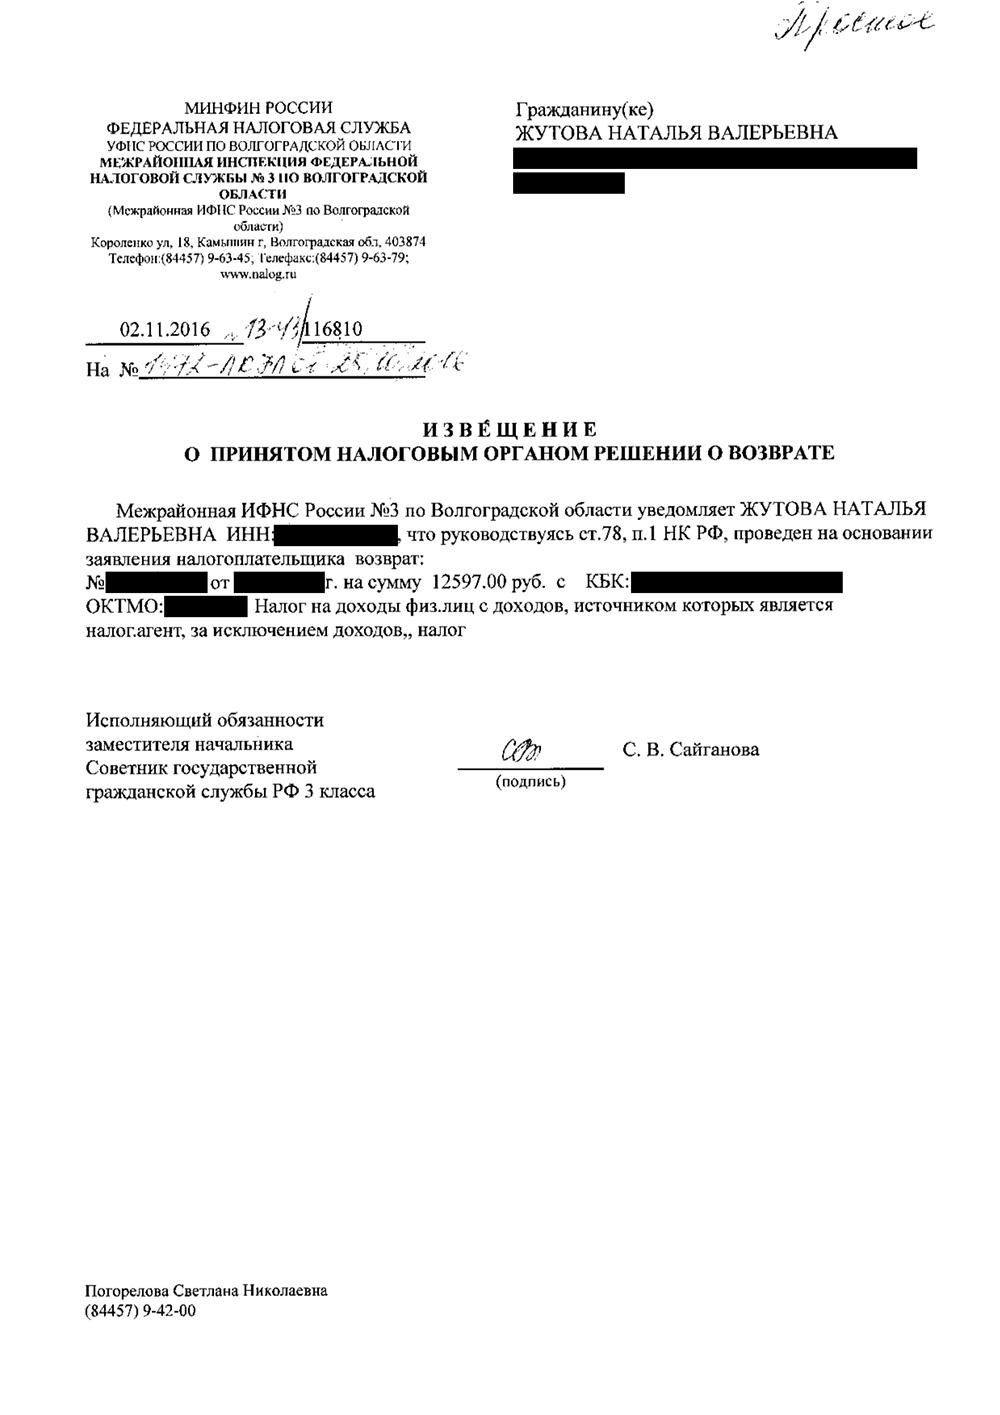 Через год после операции деньги перечислили на мой счет